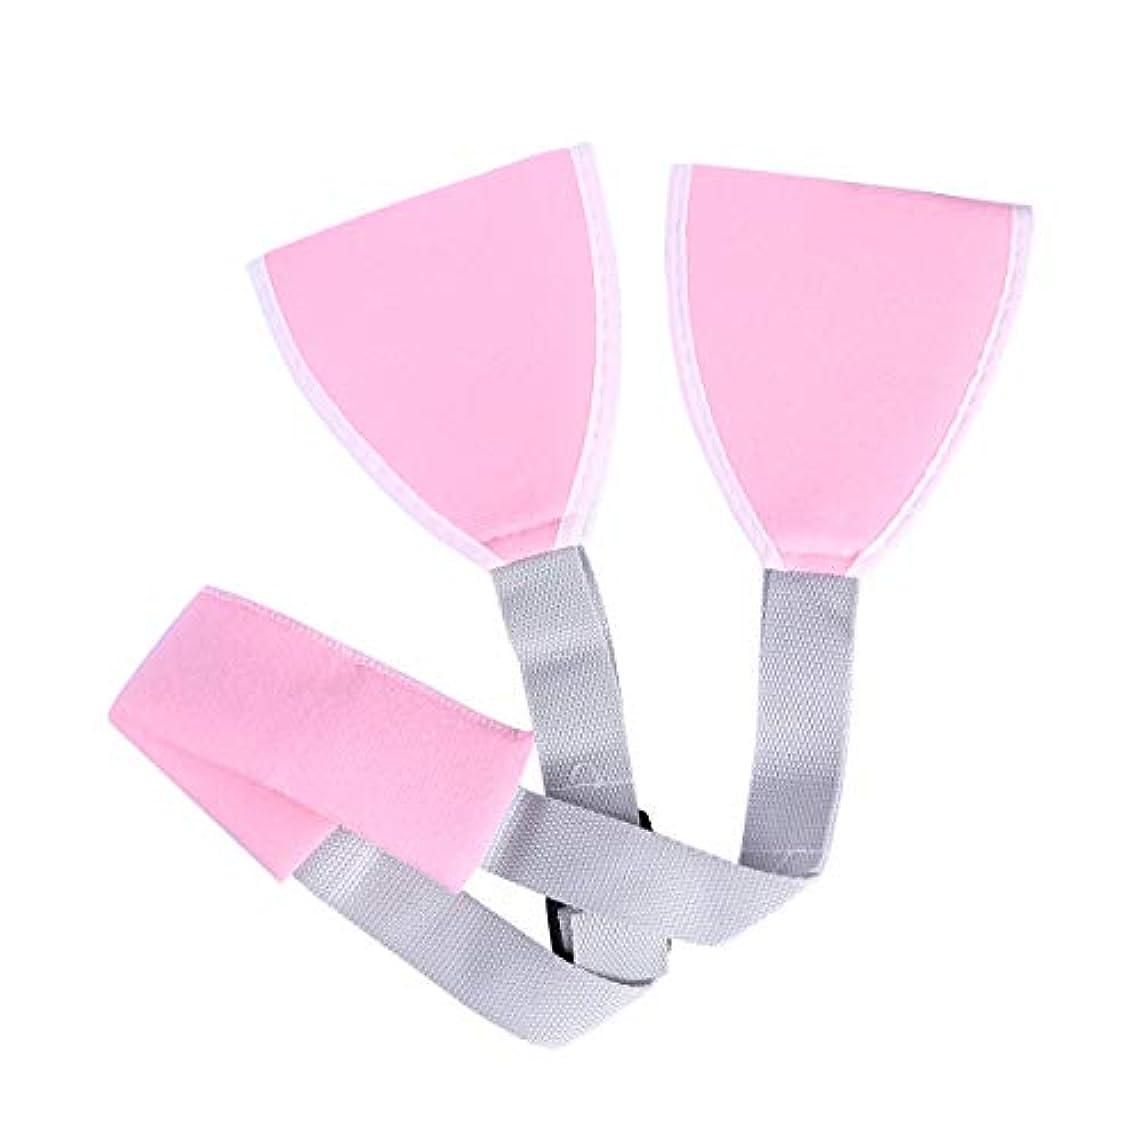 シート熱望する却下するHealifty アームスリング アームホルダー アームスリング アームのサポート 調節可能 通気性 調節可能 腕の骨折?脱臼時のギプス固定 医療用スリング(ピンク)